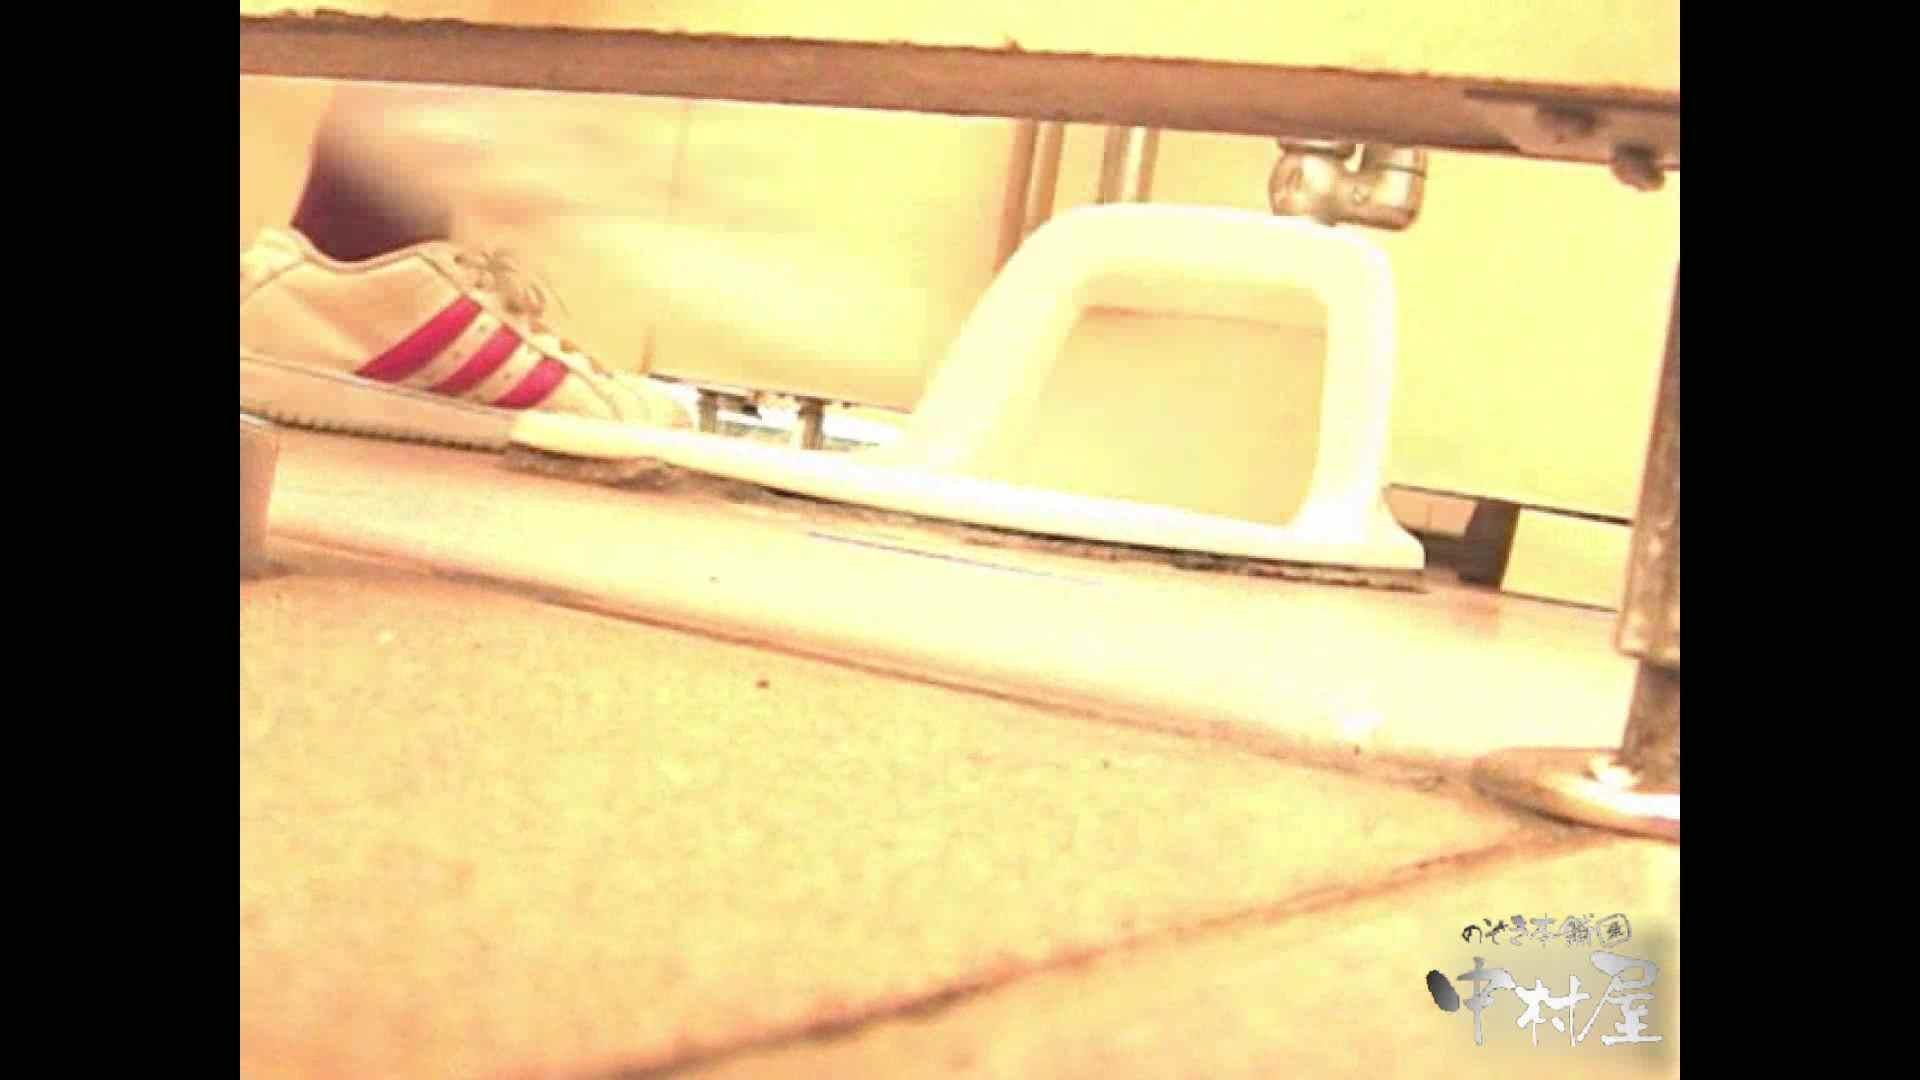 岩手県在住盗撮師盗撮記録vol.02 排泄編 オマンコ動画キャプチャ 108PIX 27